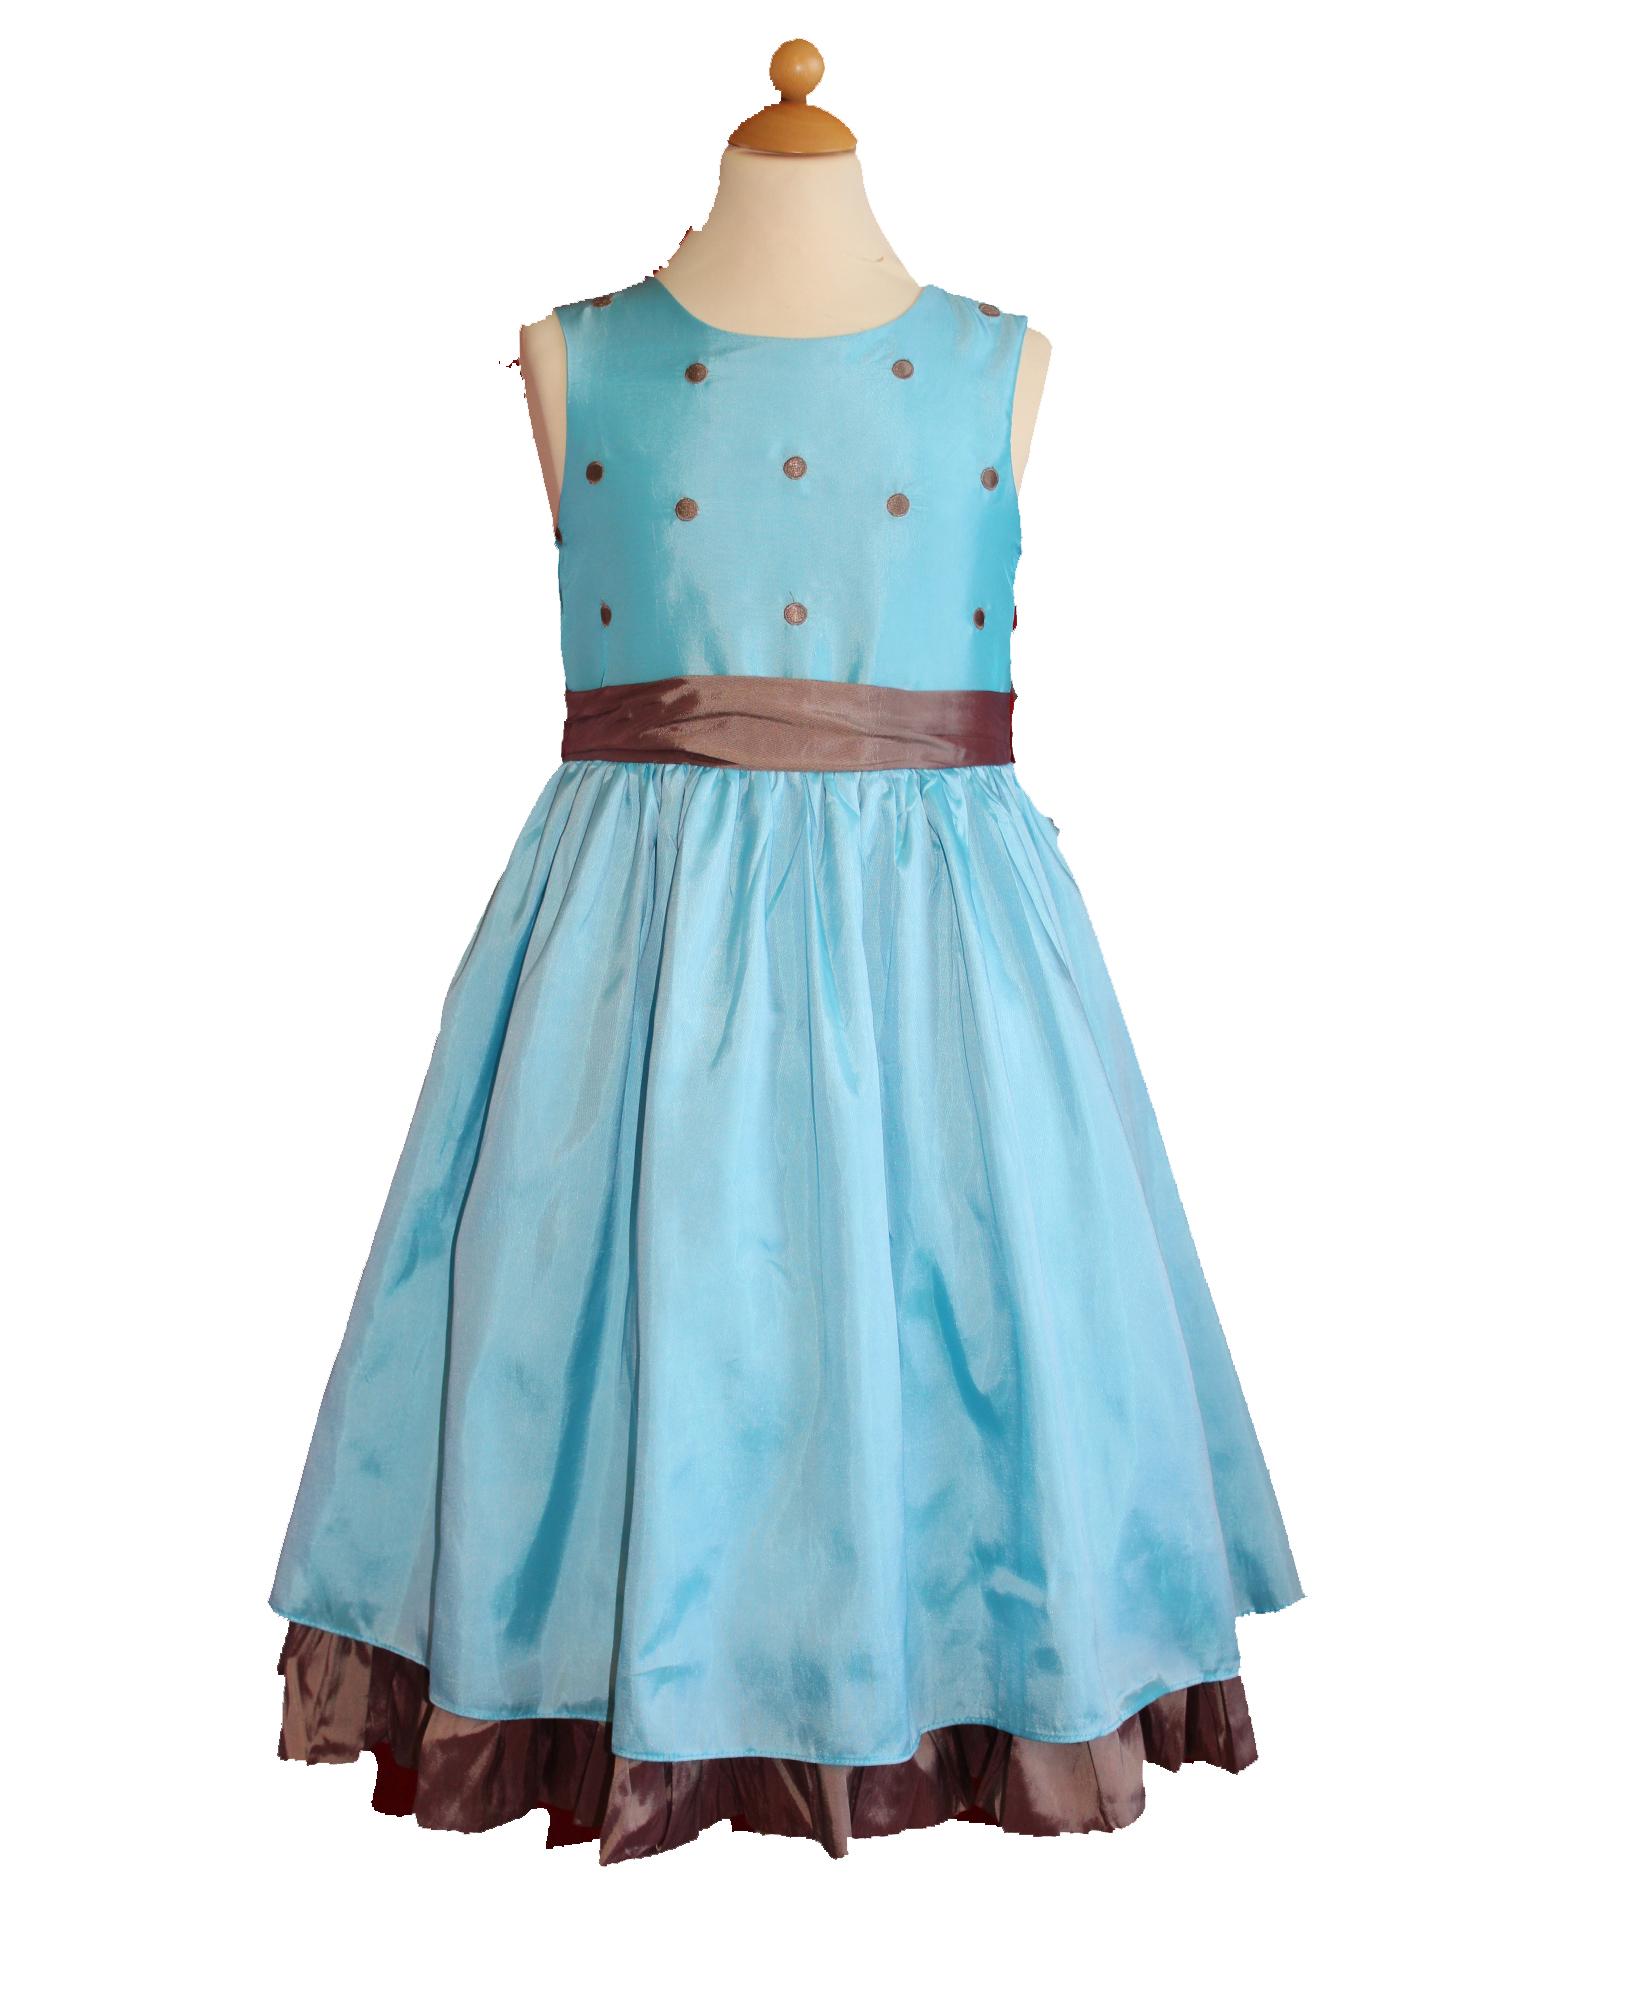 new style 958f0 f546b Blumenmädchen Festkleid für jeden Anlass!